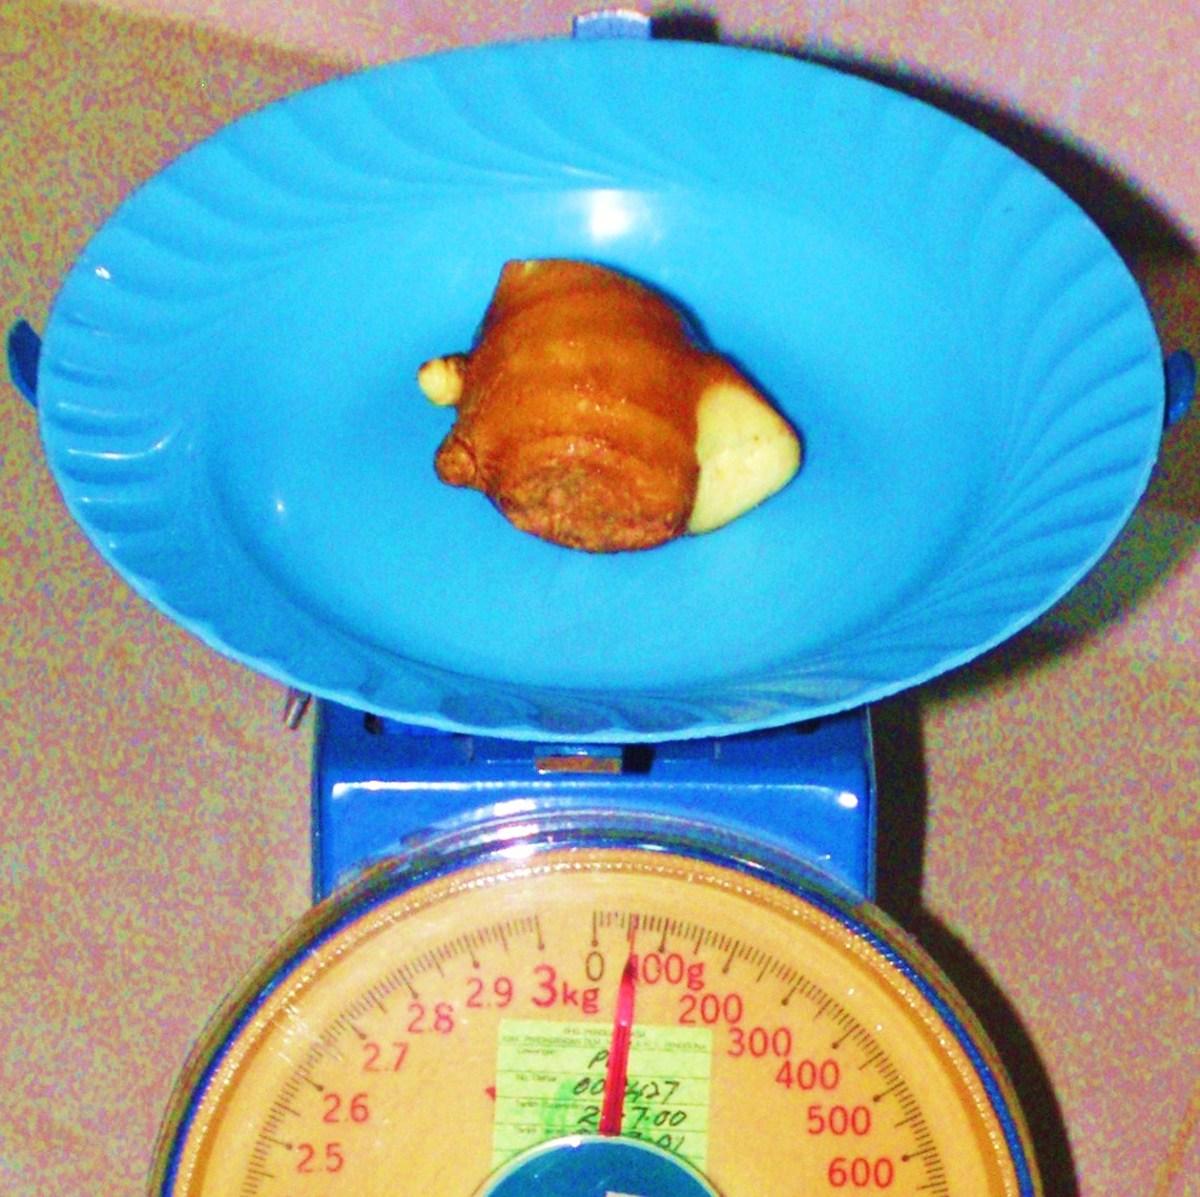 50 Grams of Ginger